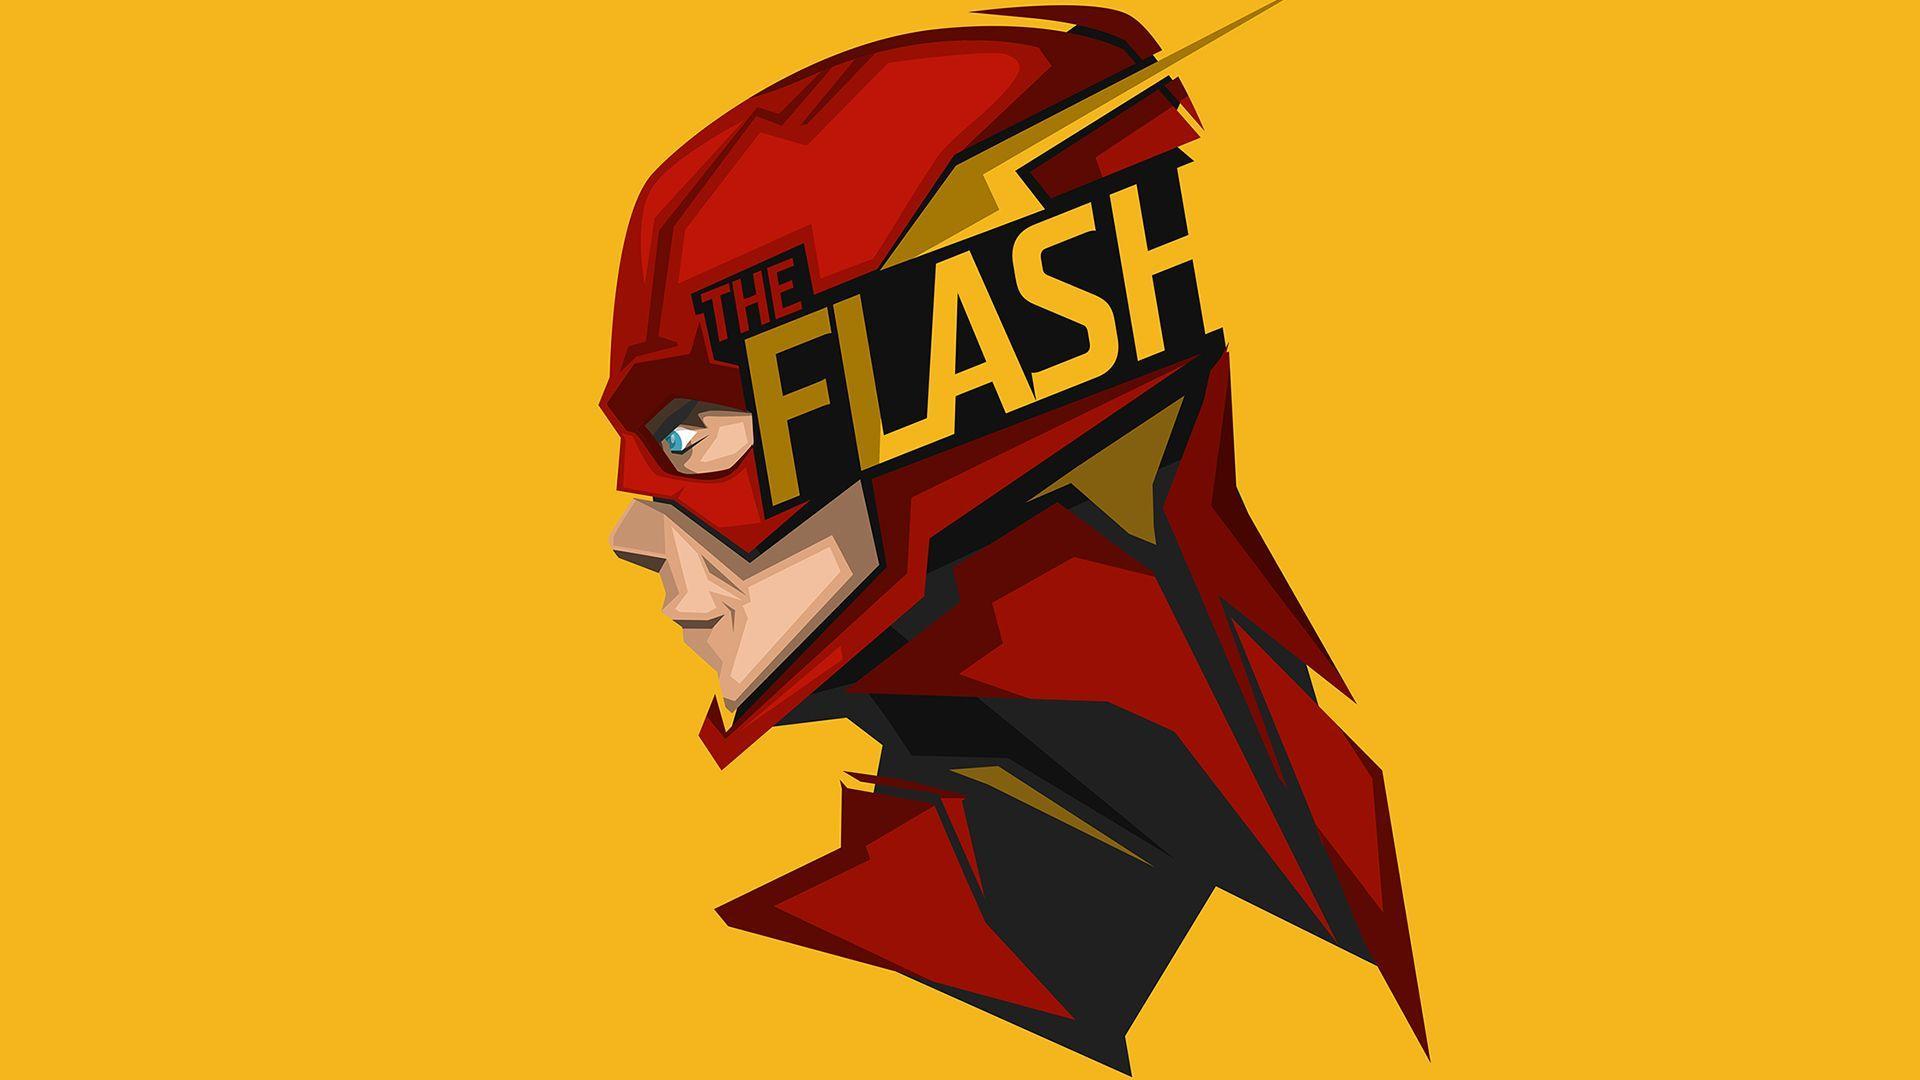 Flash Wallpaper Desktop ~ Sdeerwallpaper